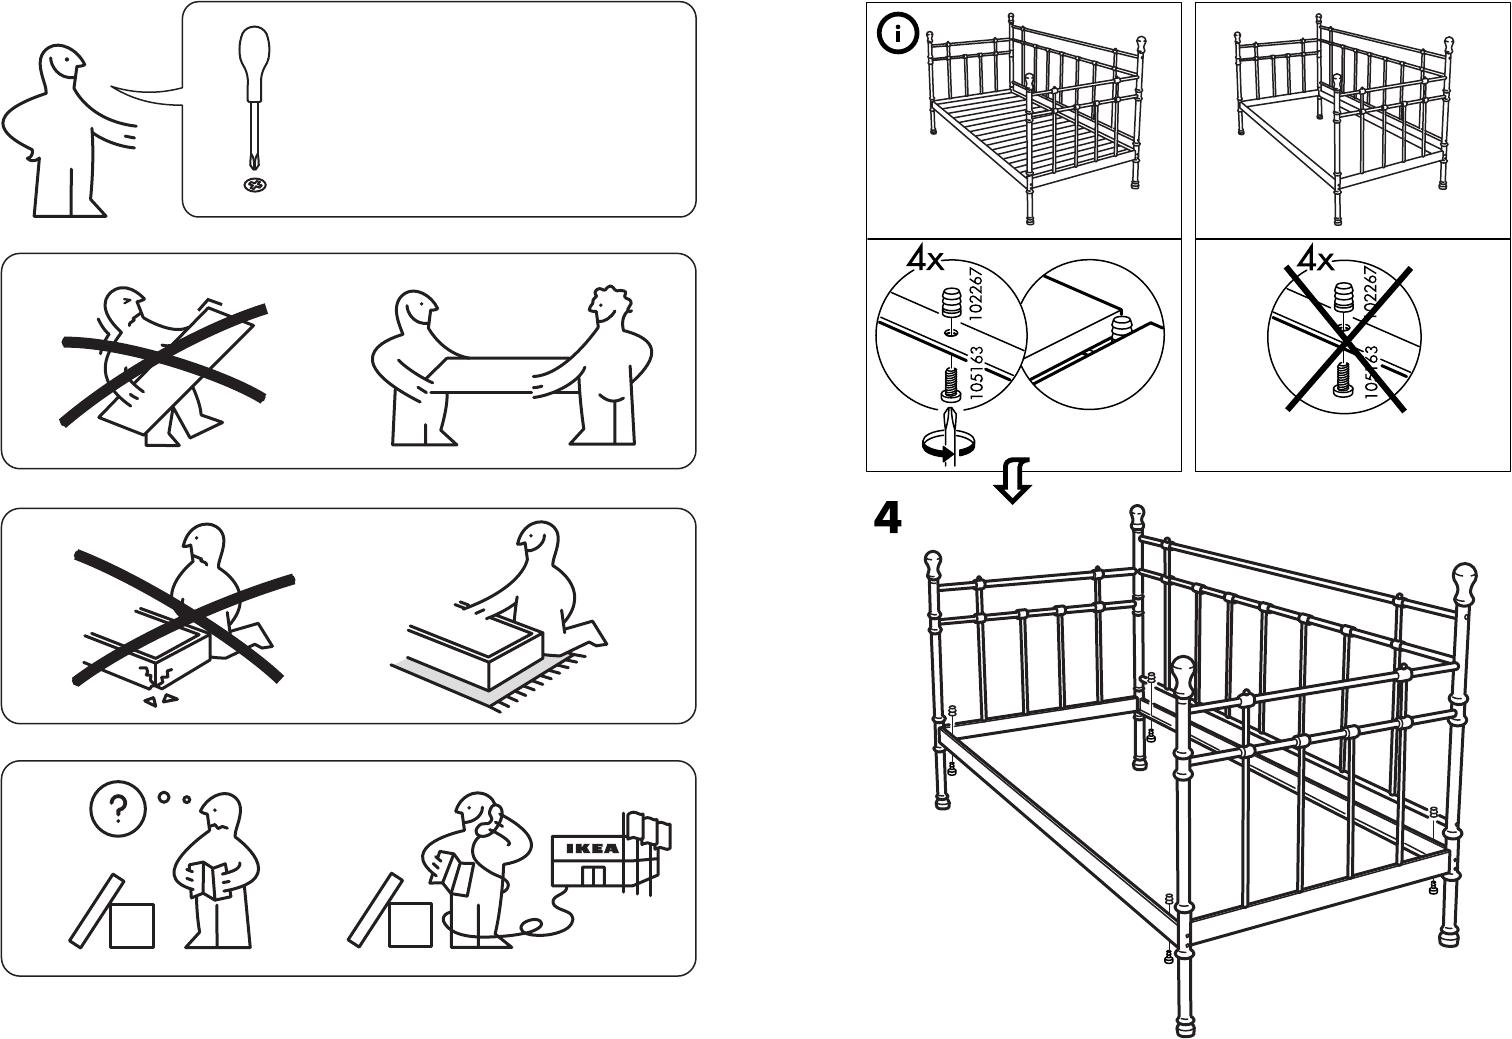 Bedienungsanleitung Ikea Tromsnes Seite 1 Von 4 Dänisch Deutsch